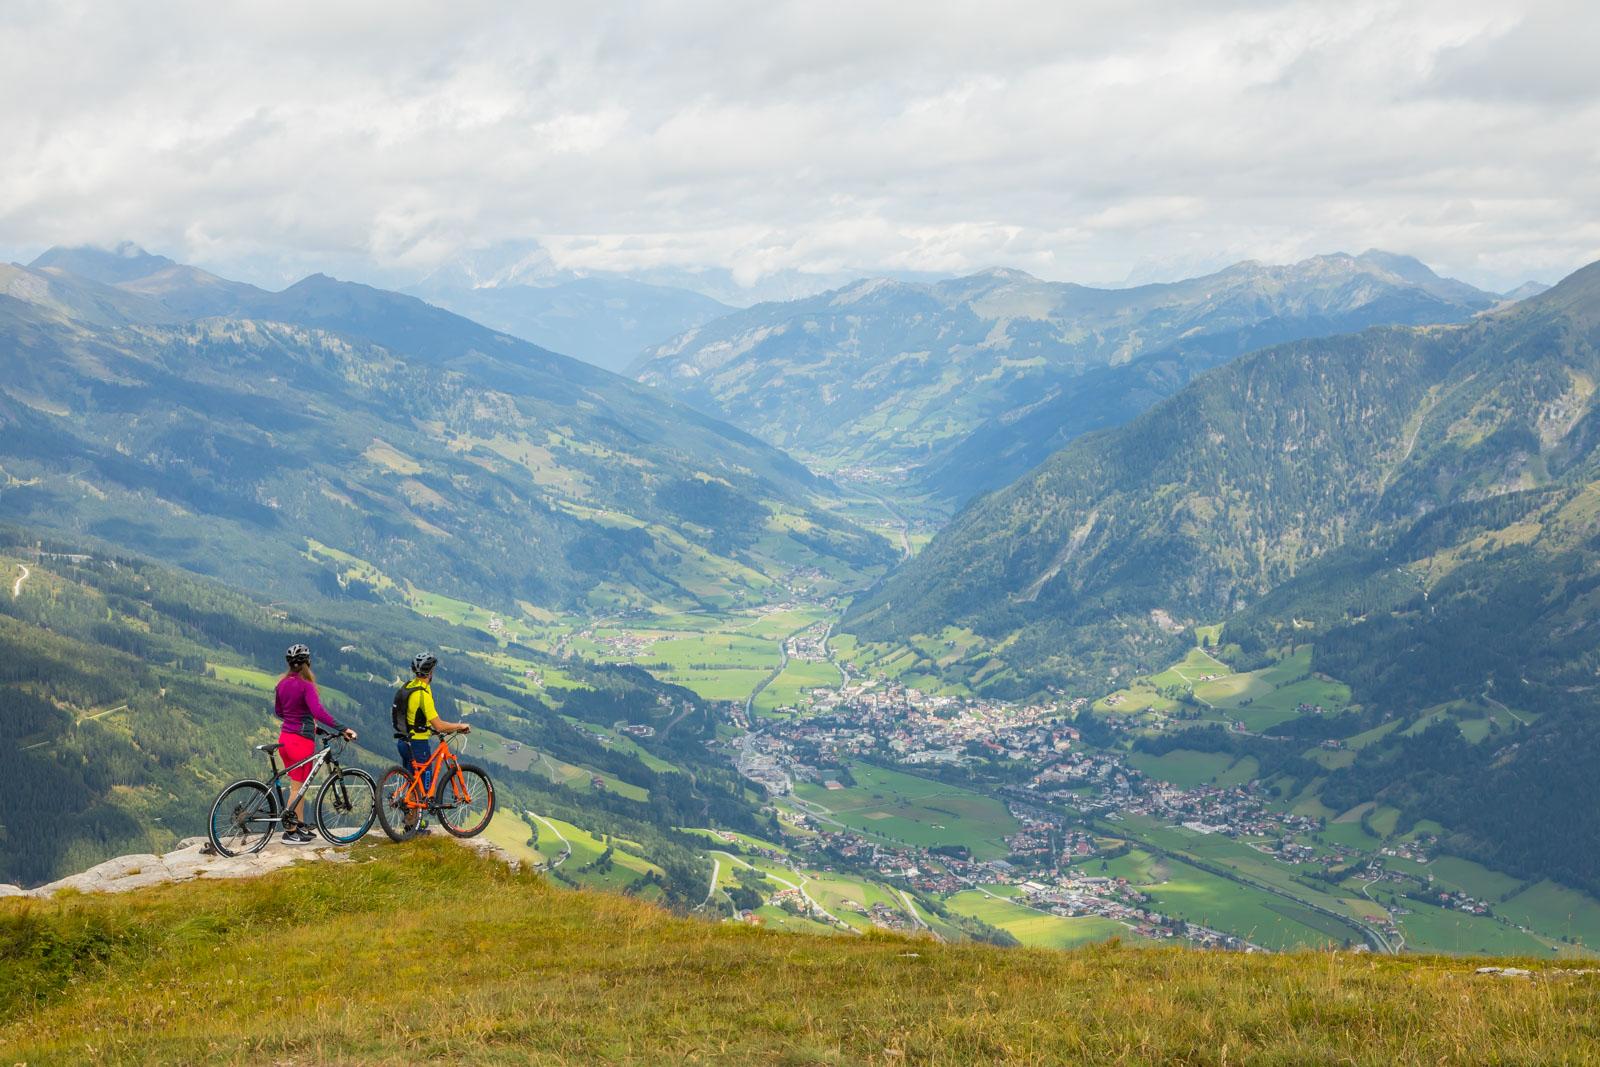 Mountainbiken in Gastein (c) Gasteinertal Tourismus GmbH, Krug (5) - Kopie